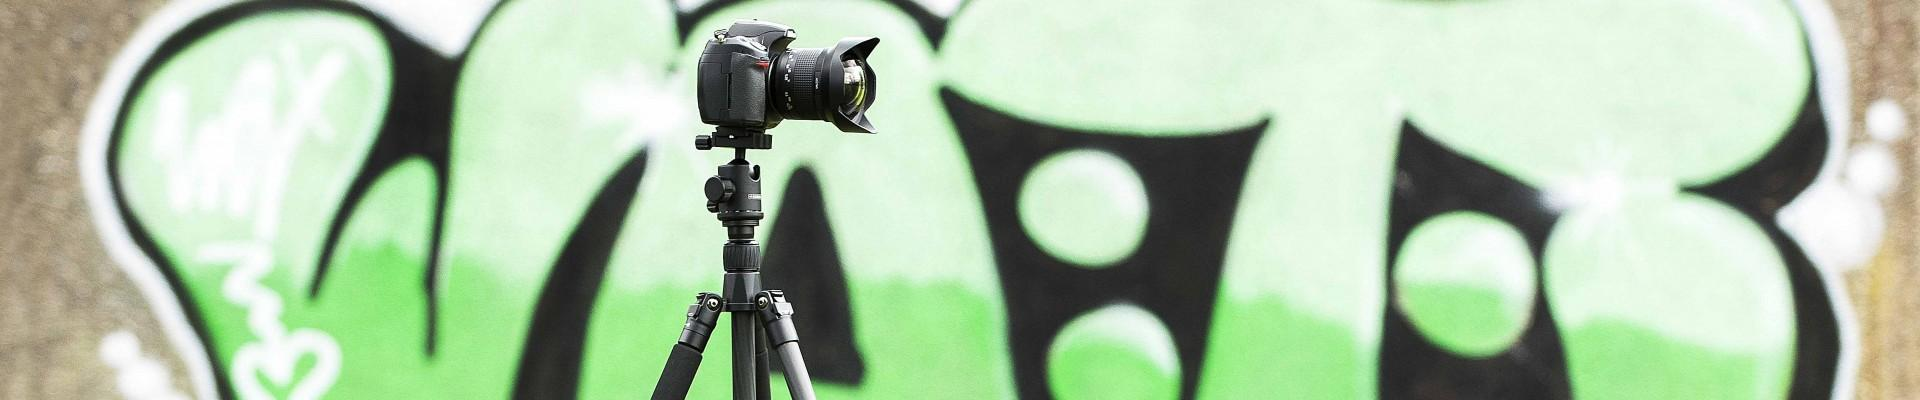 Caruba: een ruim assortiment in foto- en video accessoires